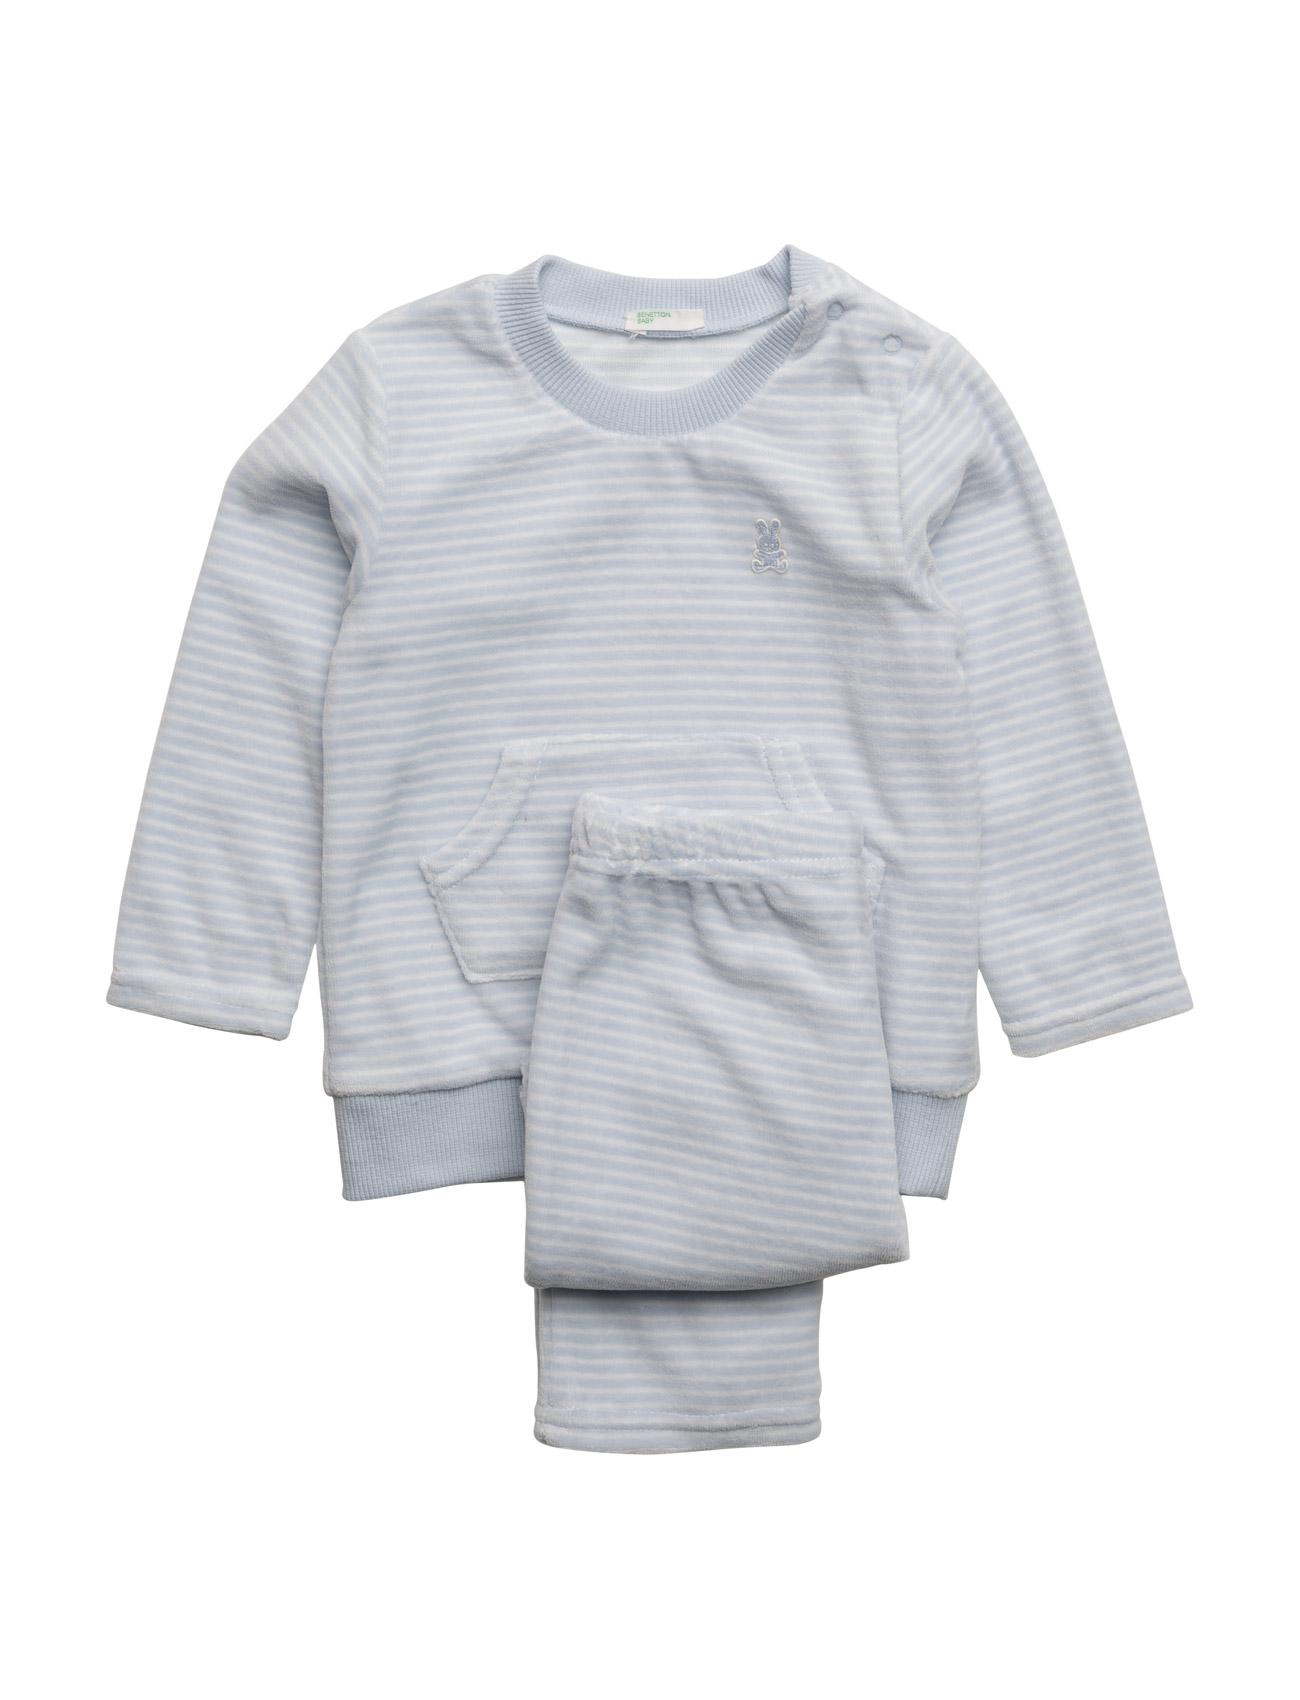 Set Sweater United Colors of Benetton  til Børn i Blå hvid